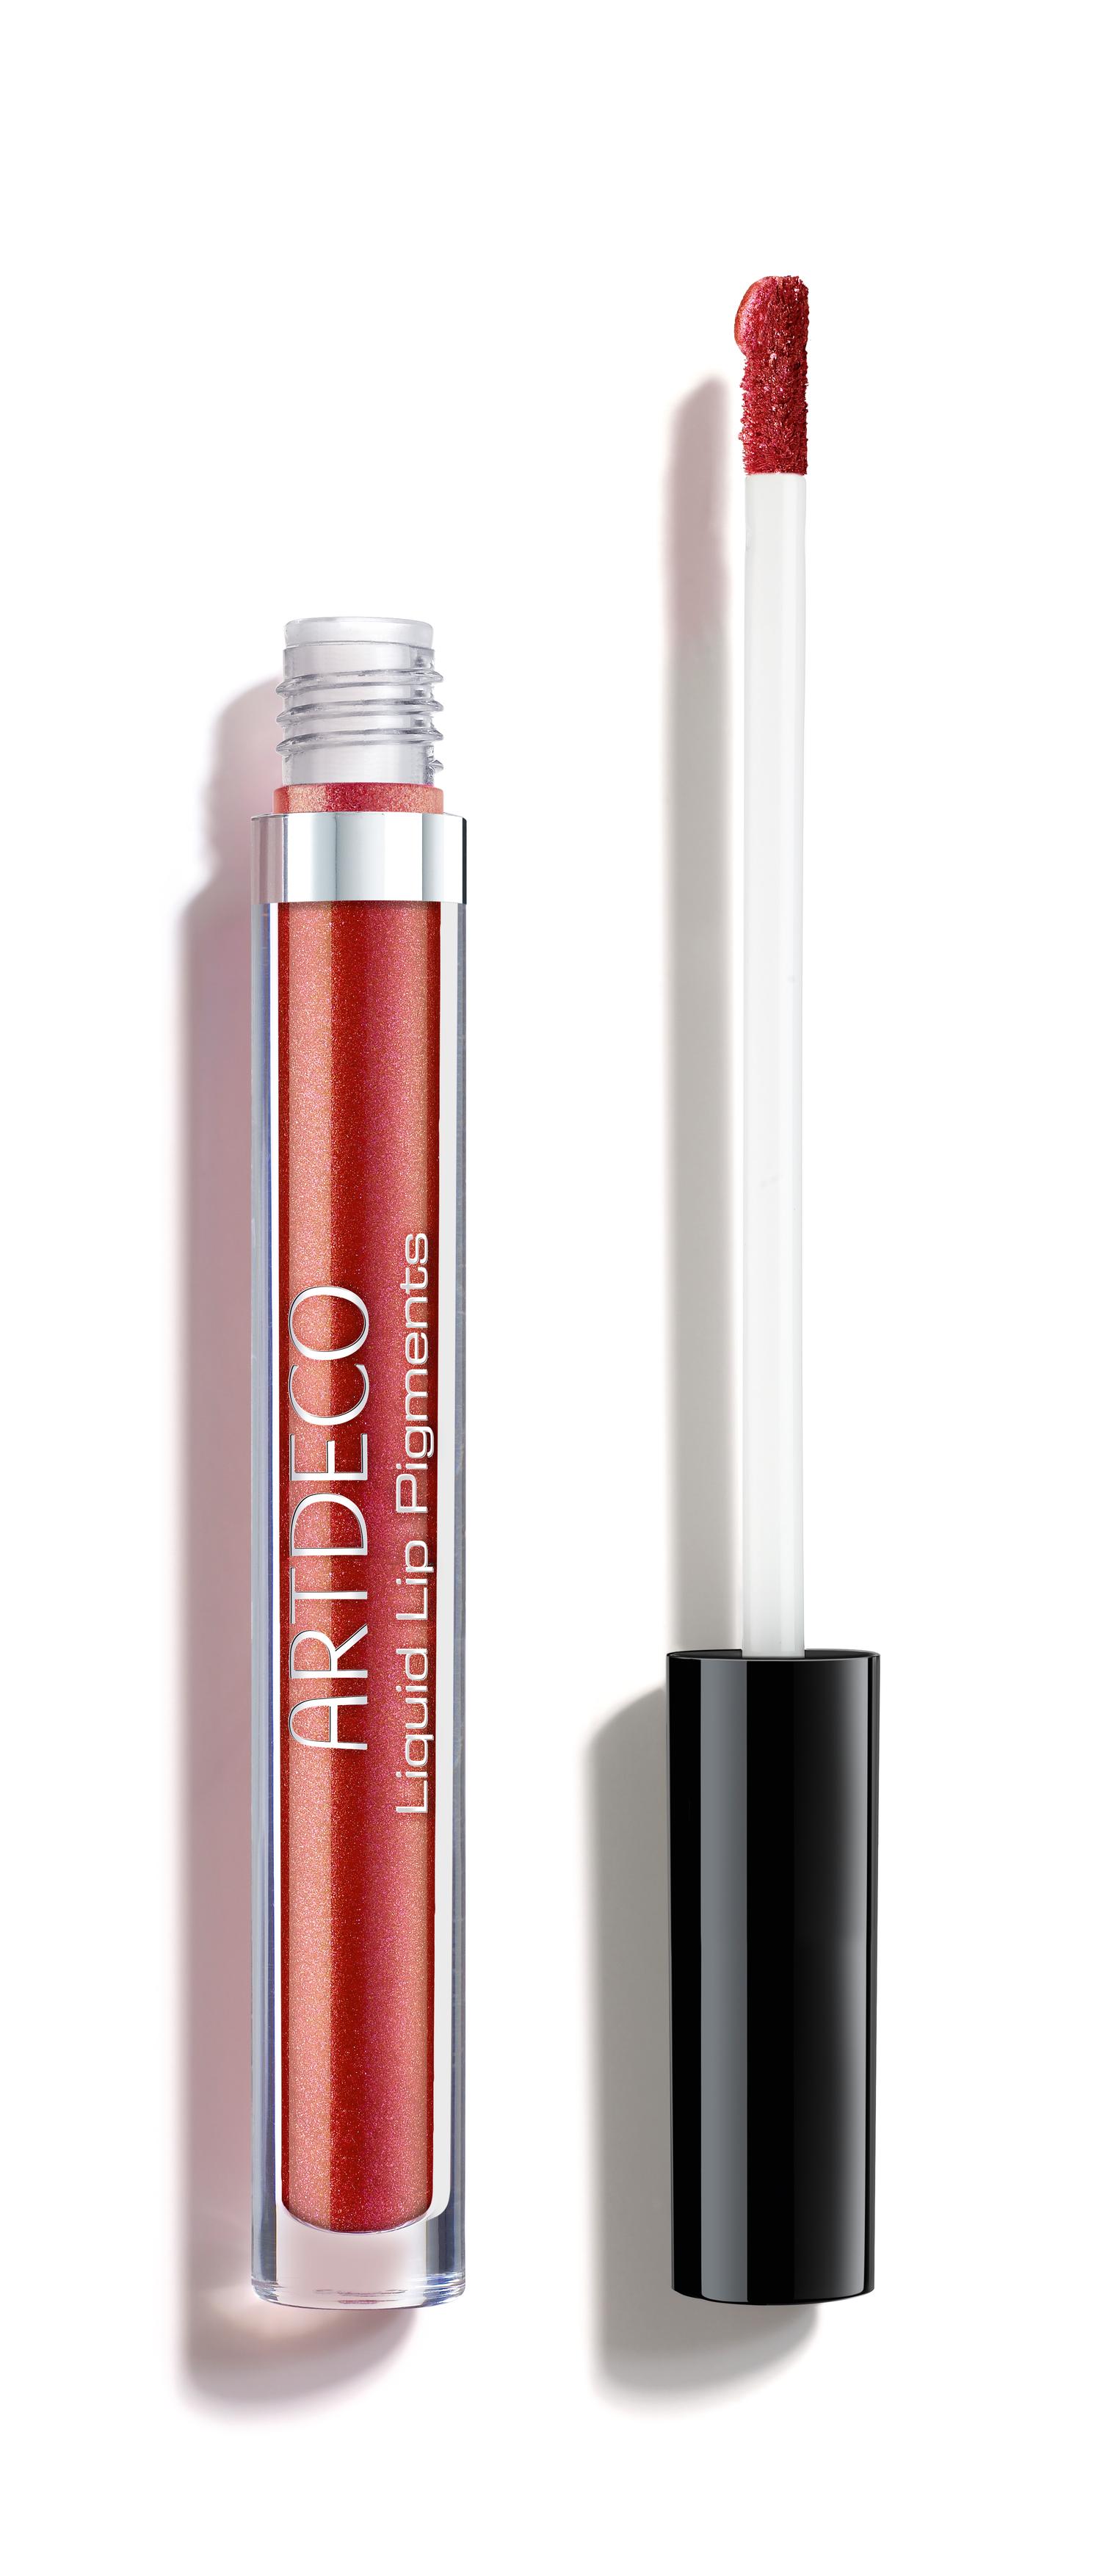 A parabén- és illatanyagmentes Liquid Lip Pigments hosszantartó szájfény maximális pigmenttartalma és apró csillám és gyöngy részecskéi visszaverik a fényt és irizáló ragyogást adnak. A hosszantartó folyékony rúzs jellemzői a maximális fedés, intenzív színeredmény, illetve az elképesztően csillogó és metálos finish. Beleolvad az ajkakba és hosszú ideig a helyén marad. Aloe vera kivonattal és E-vitaminnal táplálja az ajkakat. A vékony, puha applikátor biztosítja a precíz felvitelt.  Az érzéki megjelenést 4 árnyalatban érhetjük el: A 'galactic love' N°2, klasszikus piros, a 'Galaxy pink' N°4 intenzív pink, 'Rosy starlight' N°6 rosé, míg a 'Sparkling kiss' N°8 sötét rózsafa árnyalat. Bőrgyógyászatilag tesztelt.